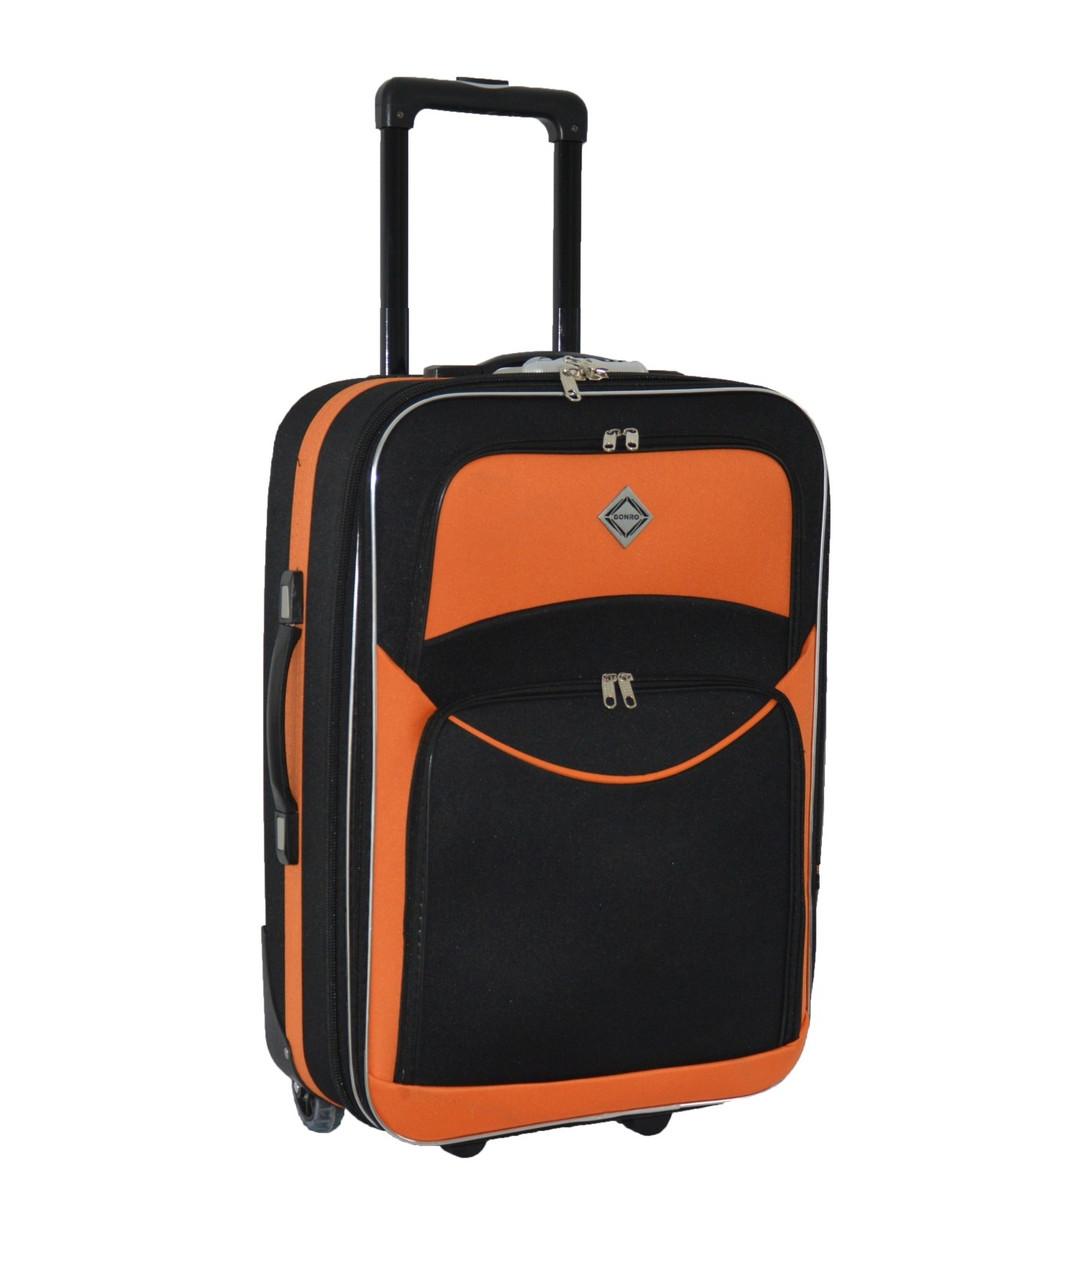 Дорожній чемодан Bonro Best на колесах (Середній) з висувною ручкою